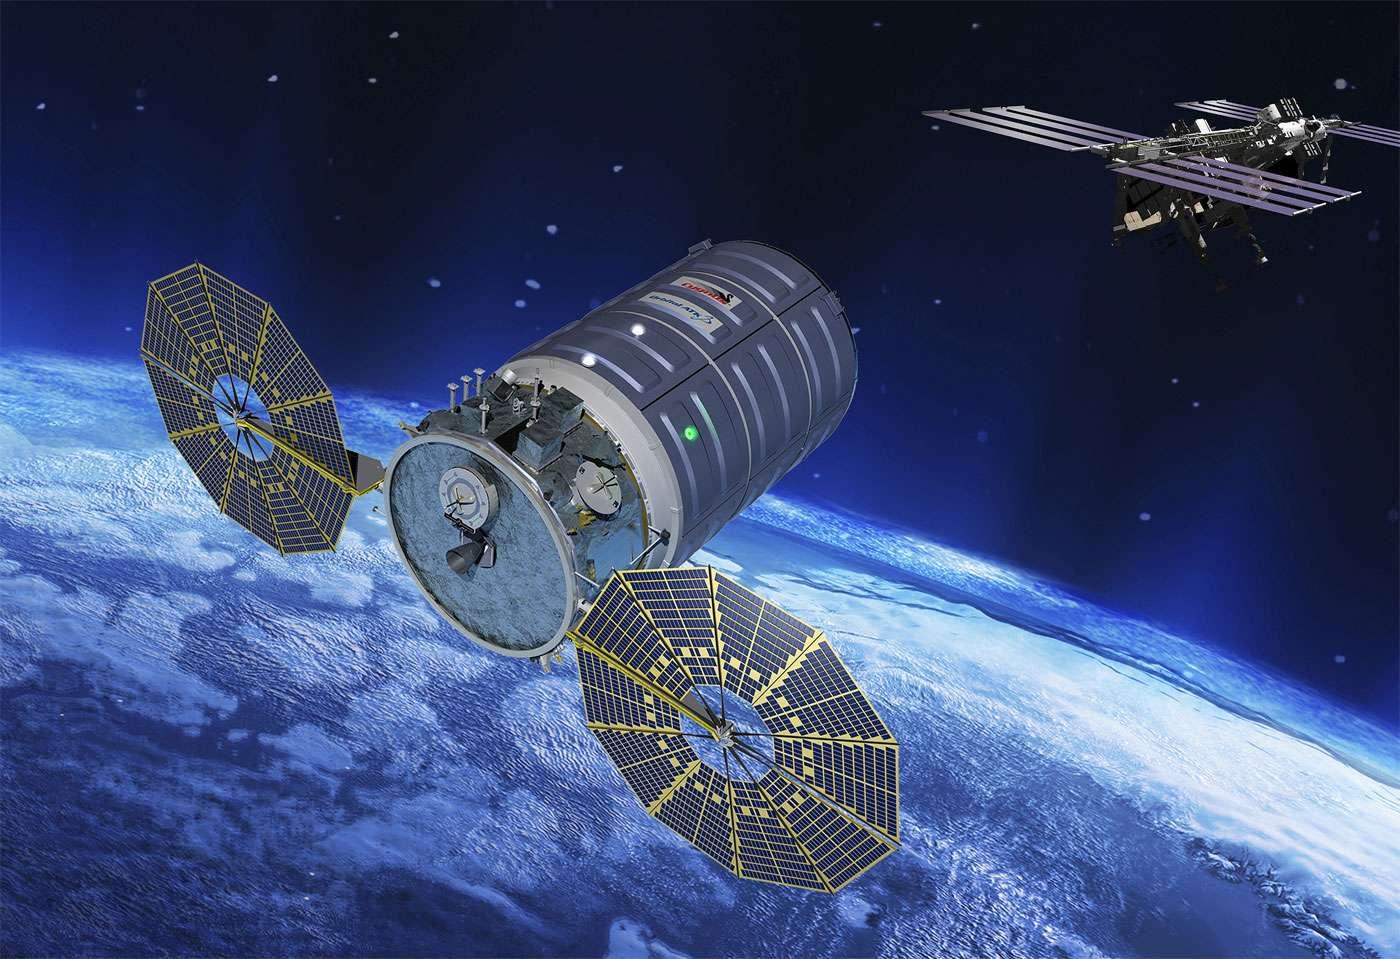 Le quatrième lancement du Cygnus – une version améliorée, plus grande et avec de nouveau panneaux solaires – marque le retour des vols privés américains. © Orbital ATK